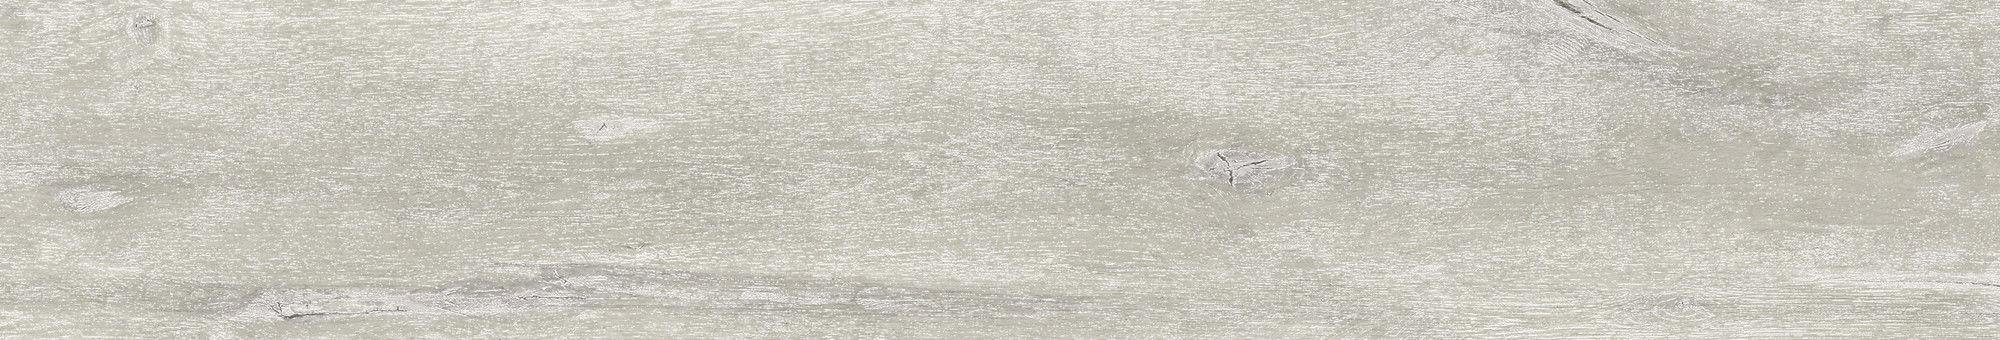 Lenk Ash 24x151 płytki drewnopodobne